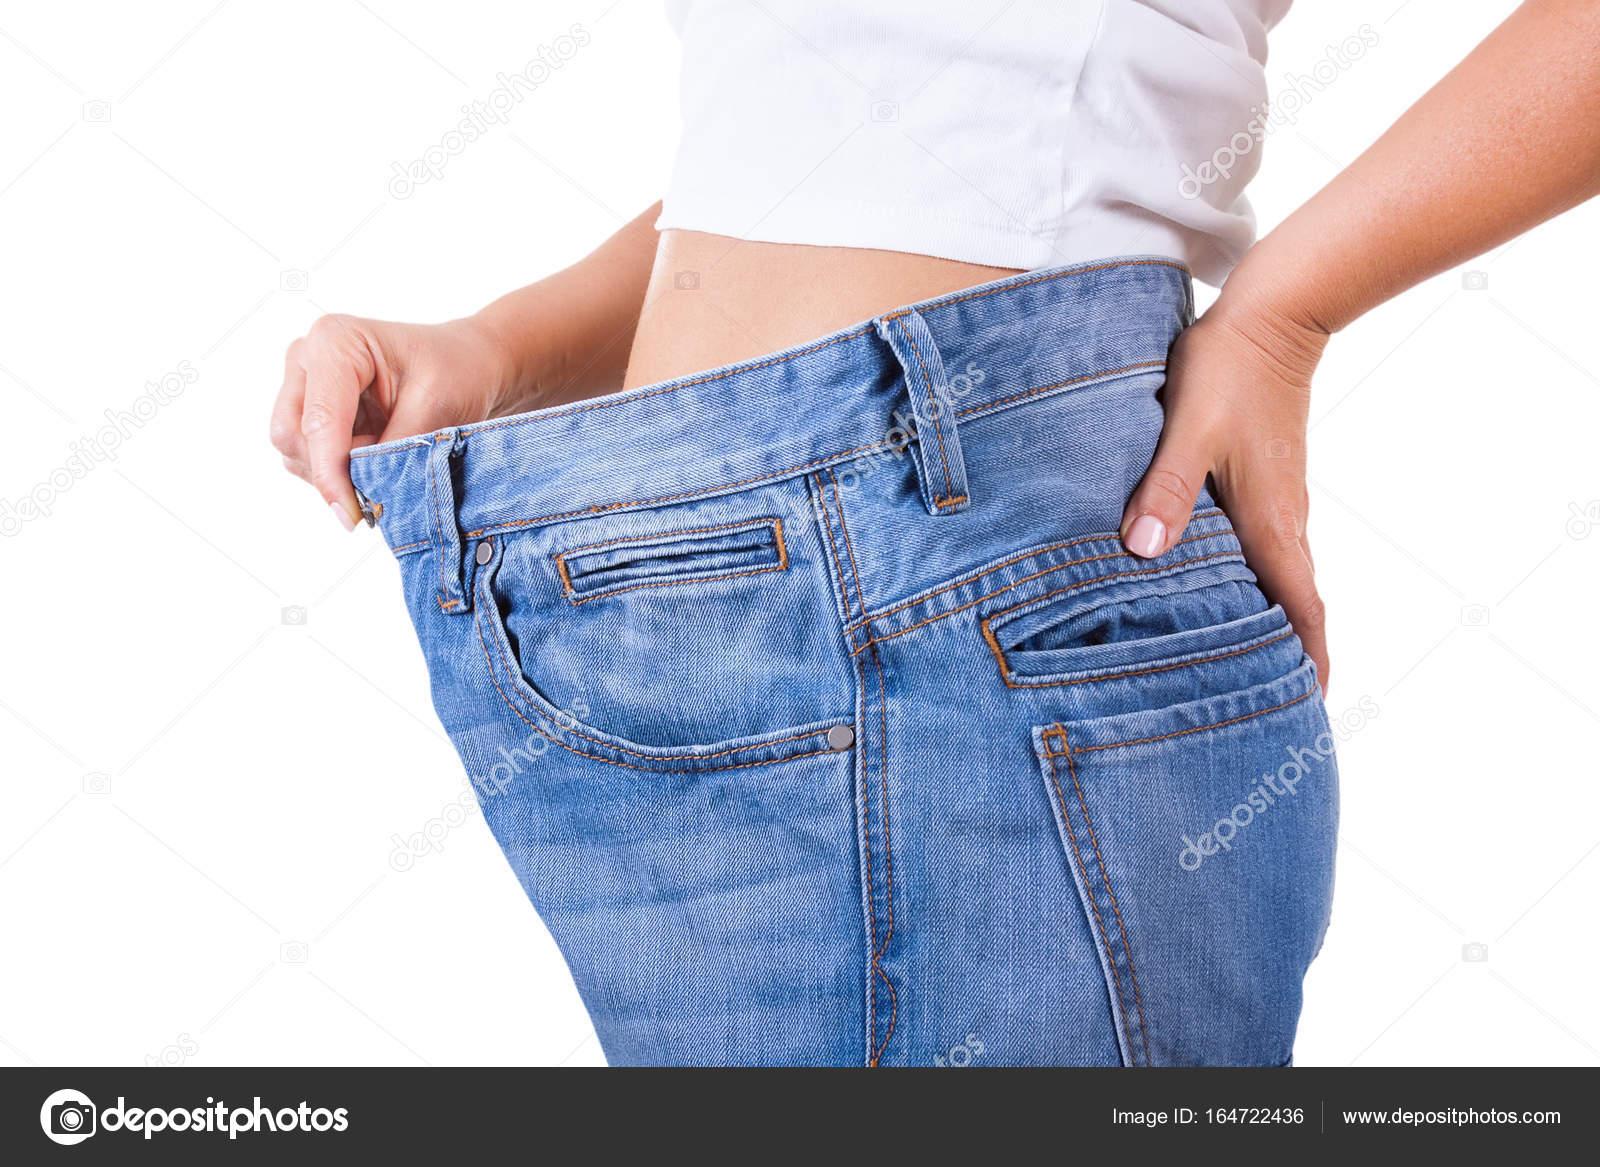 Фото крупные девушки в джинсах в обтяжку фото крупным планом #3